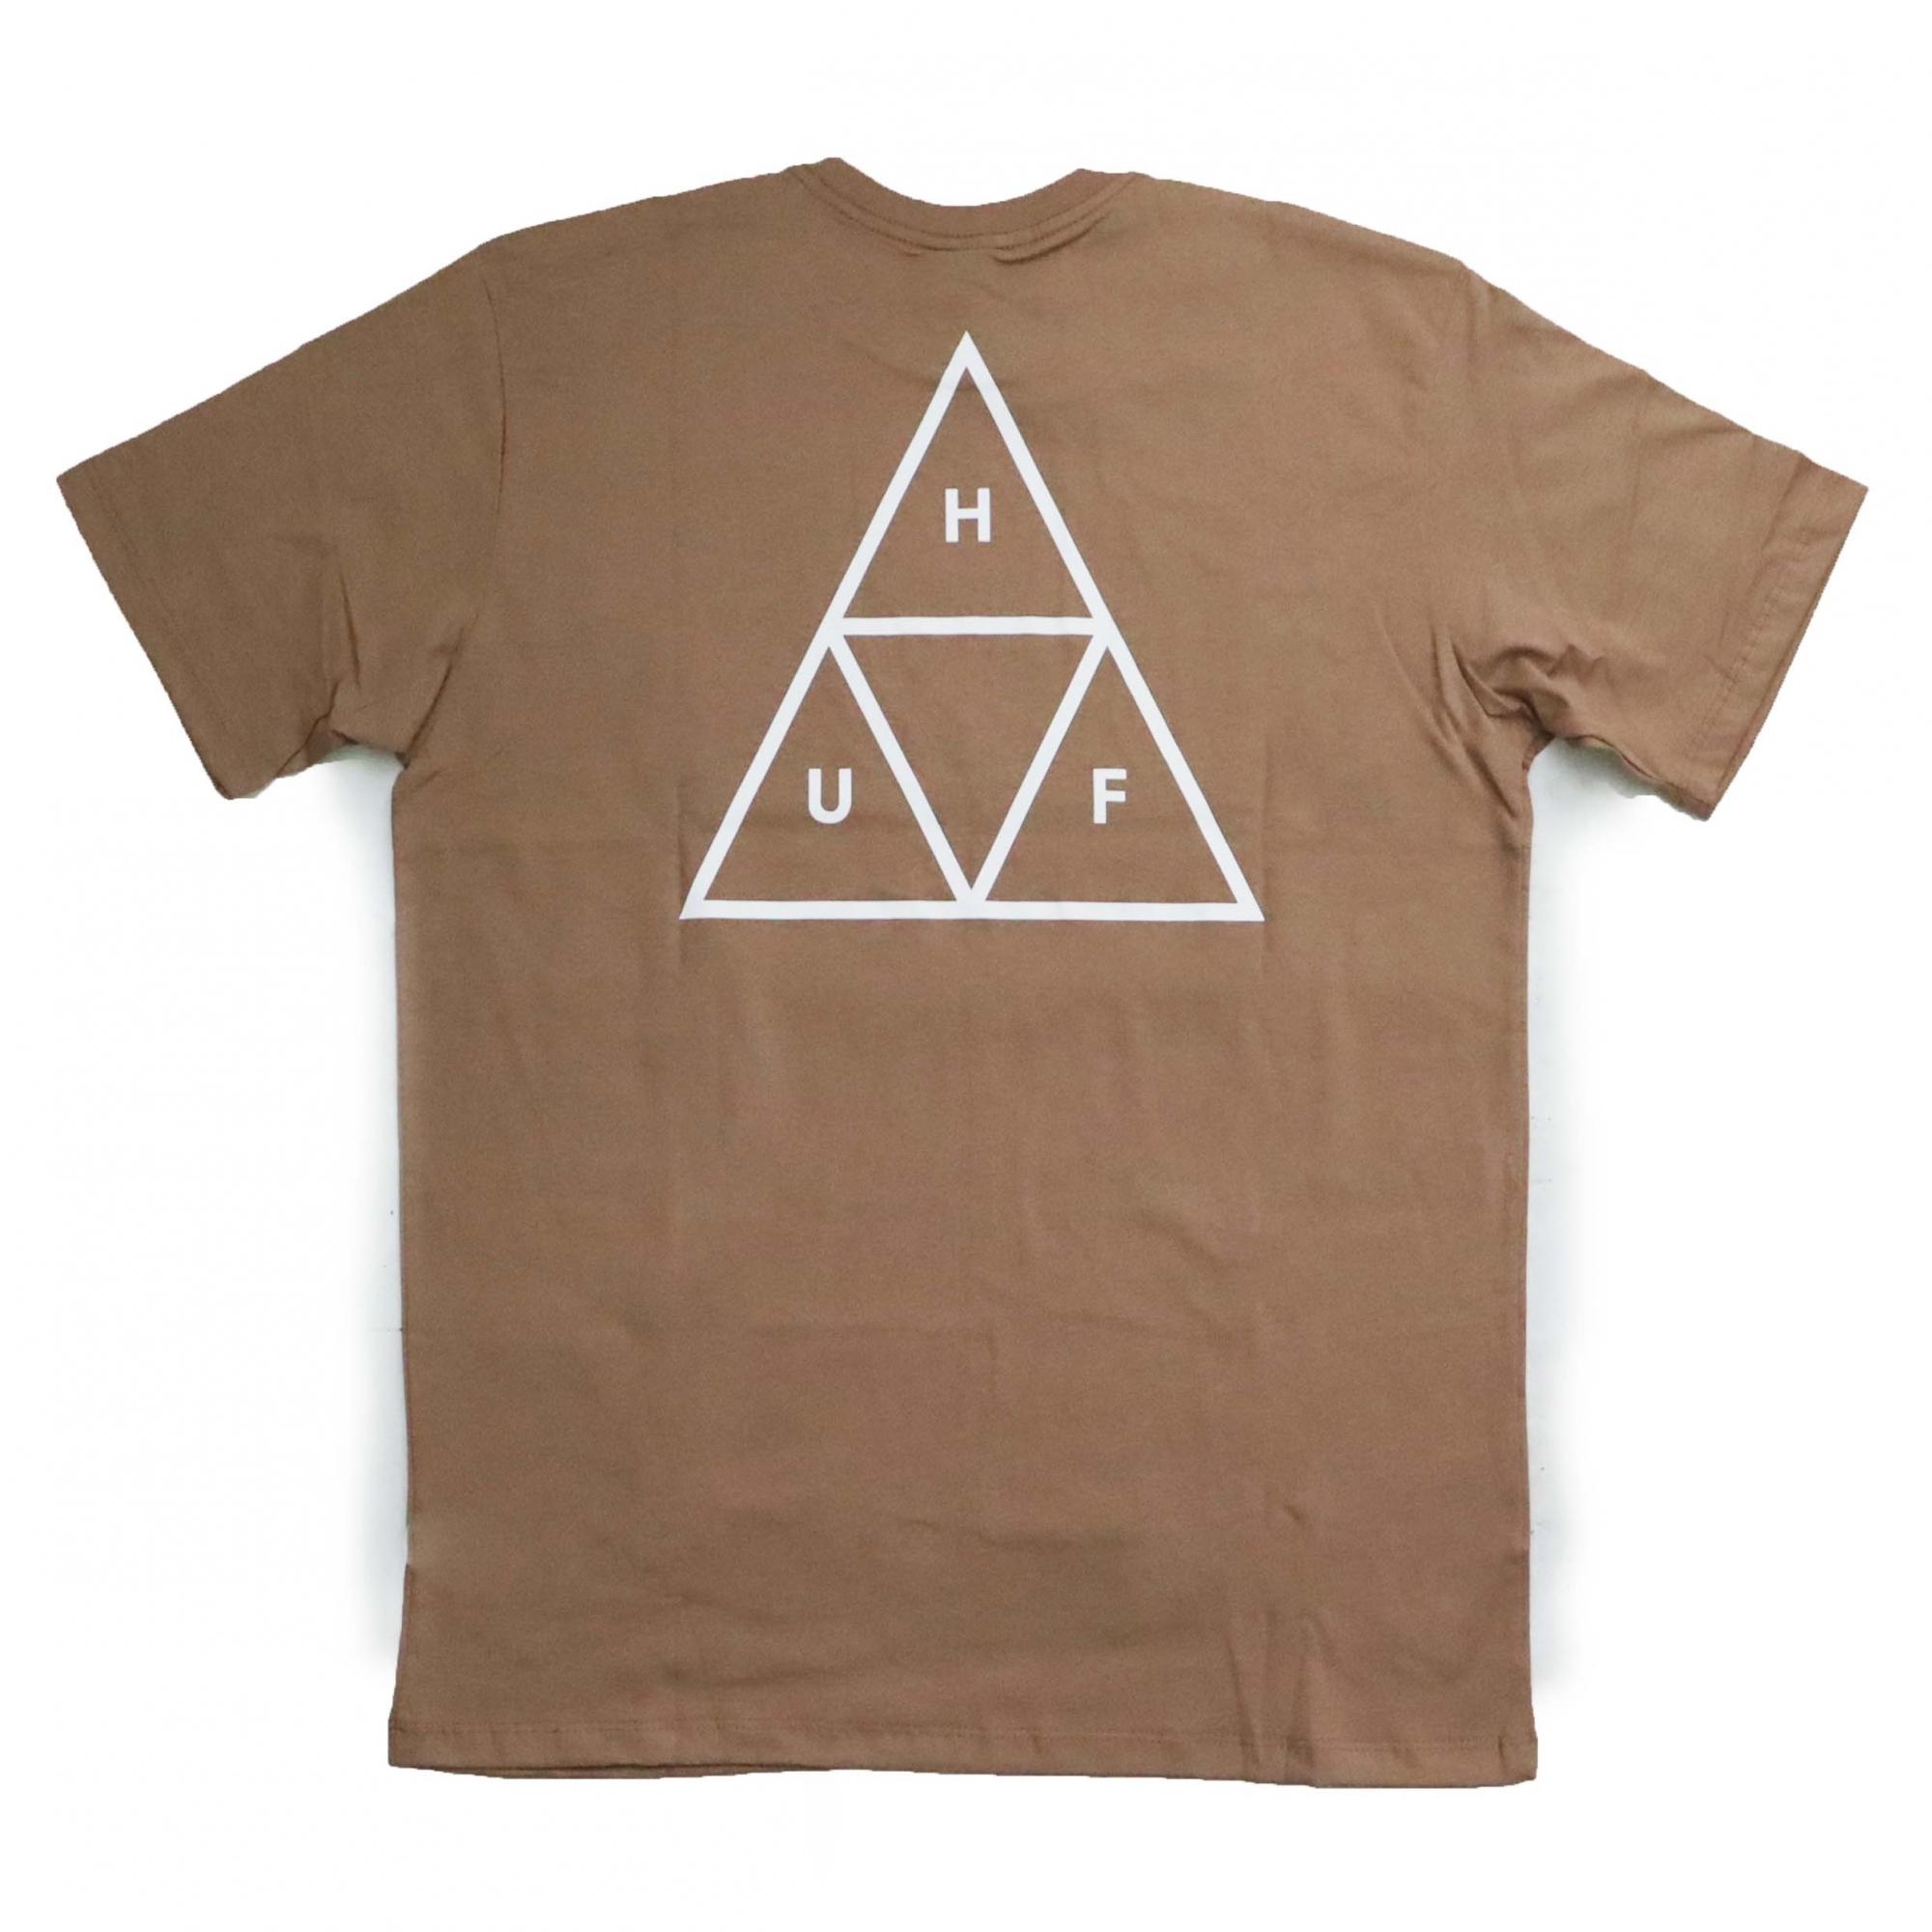 Camiseta HUF Essentials TT  - Areia